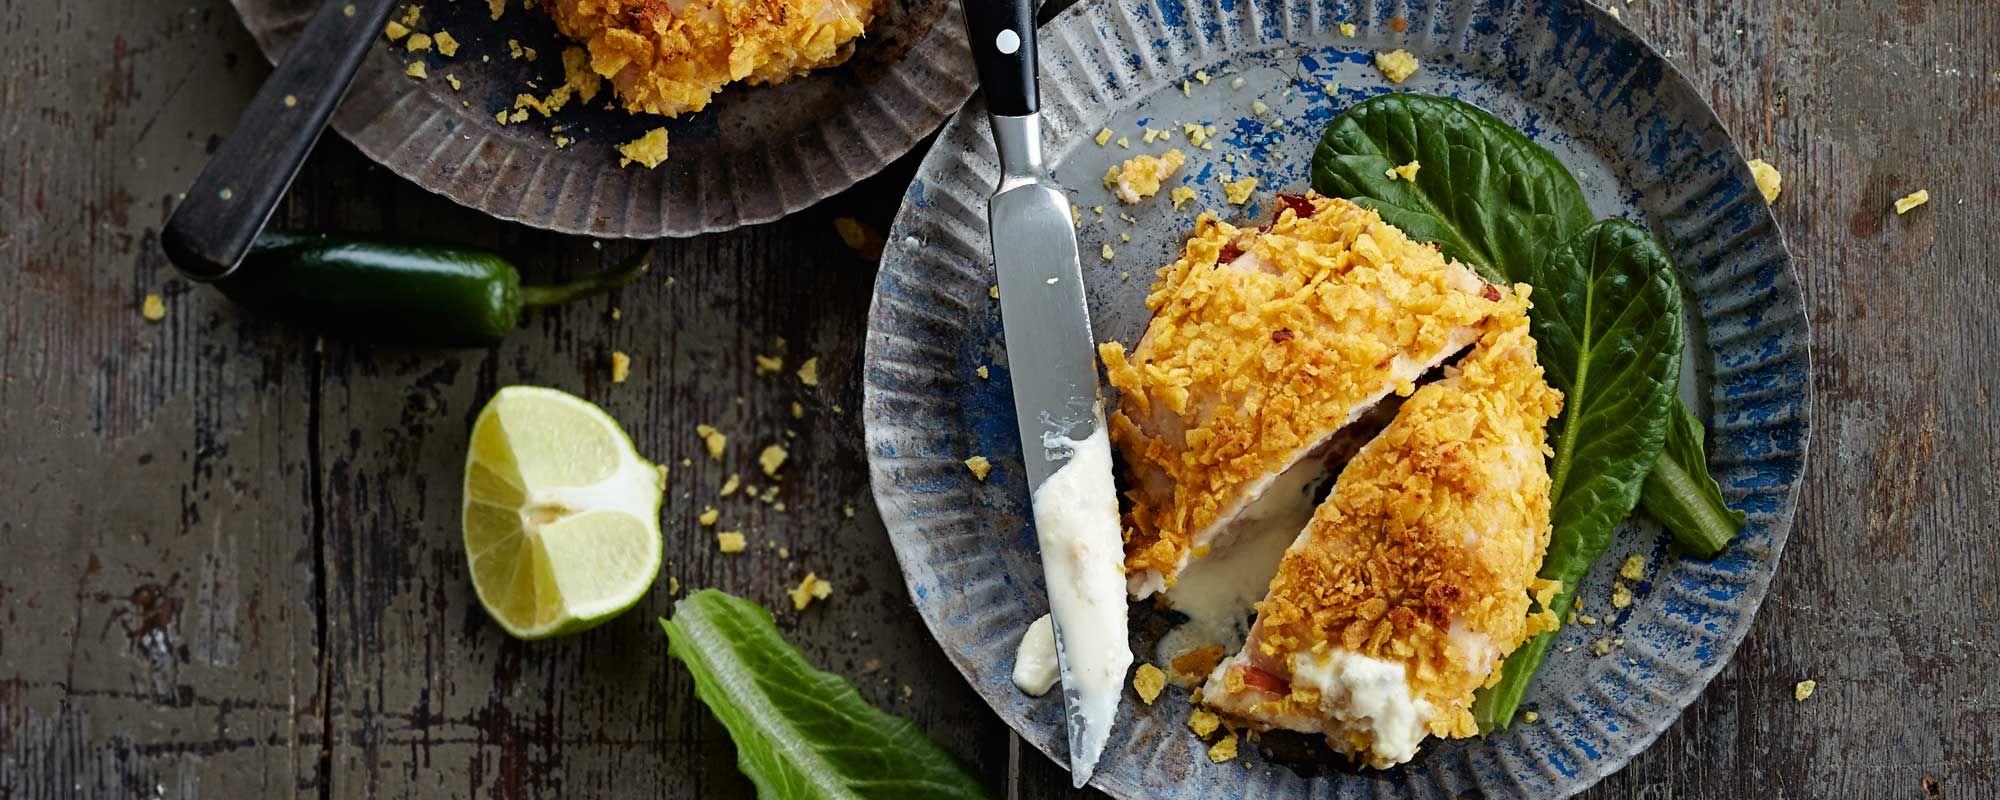 Klassinen kanaresepti sai uuden, meksikolaisen twistin: Chicken Cordon Bleu nachoilla ja jalapenotuoreluustolla. Katso ohje ja maista, miten herkullista!